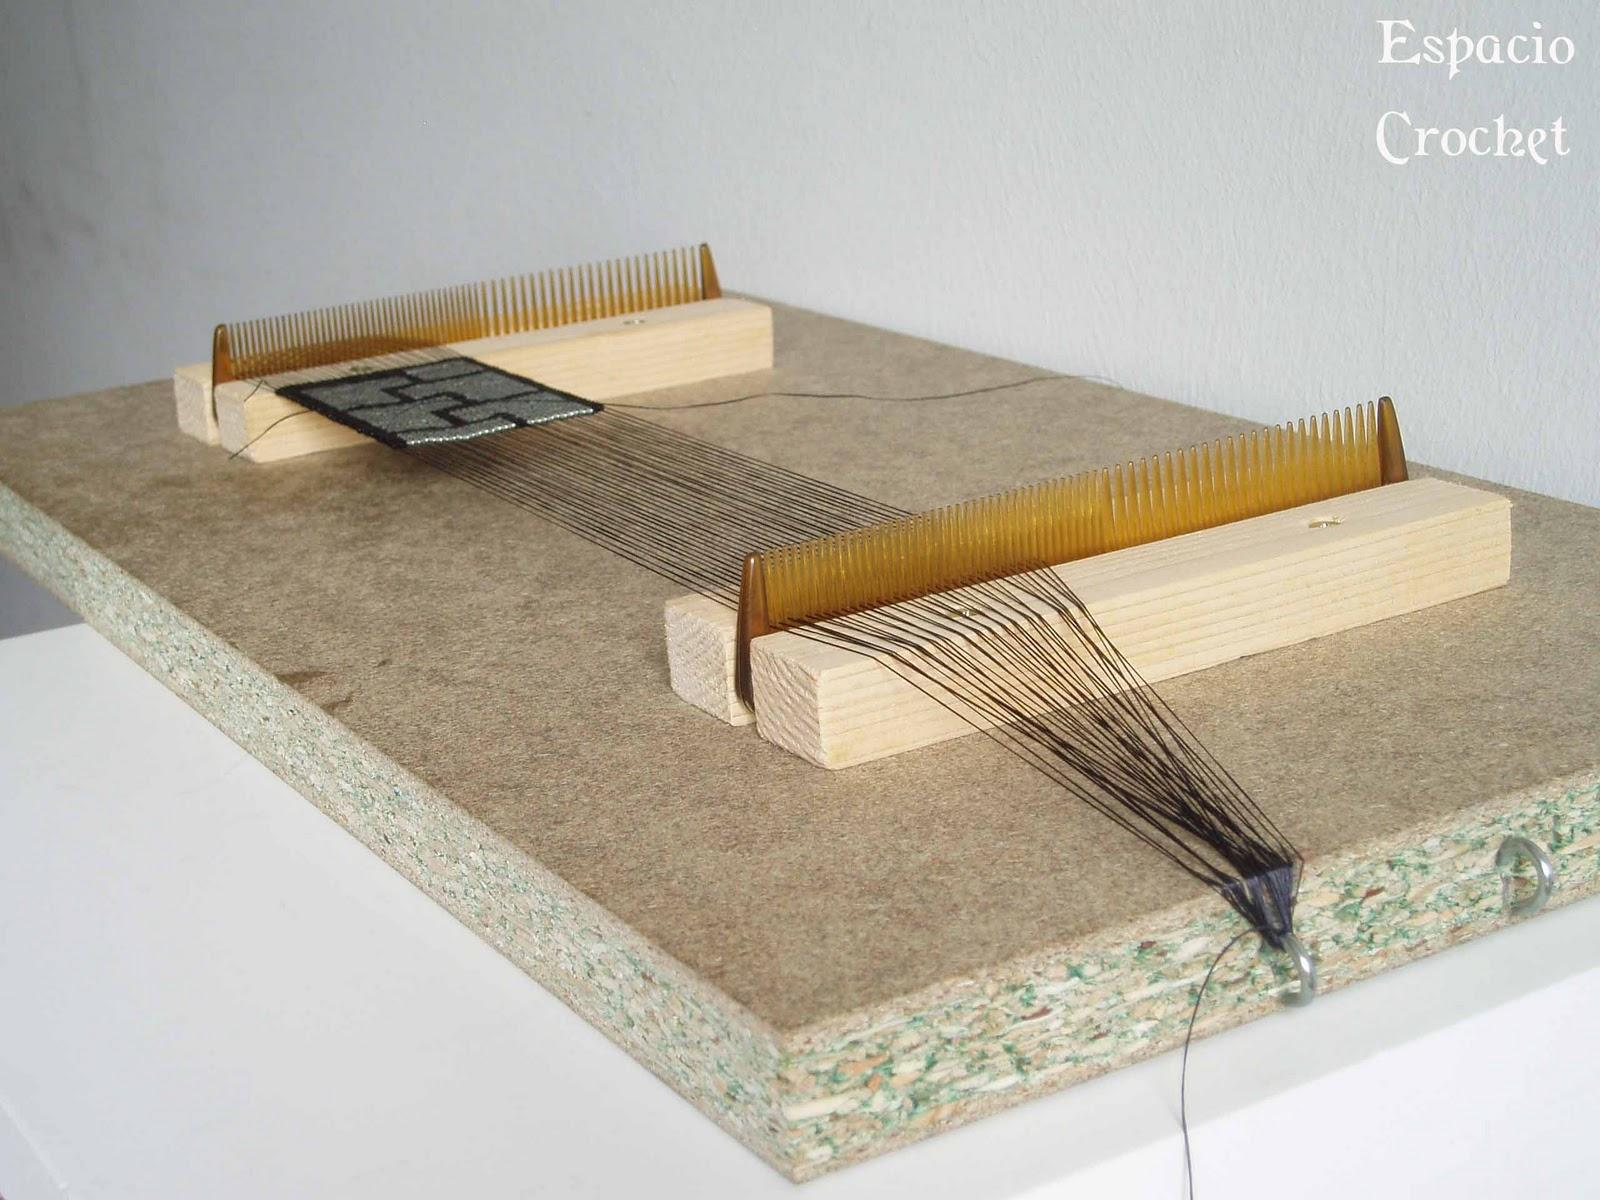 0cadf7cd6af1 Telar indio casero / Homemade loom   Espacio Crochet